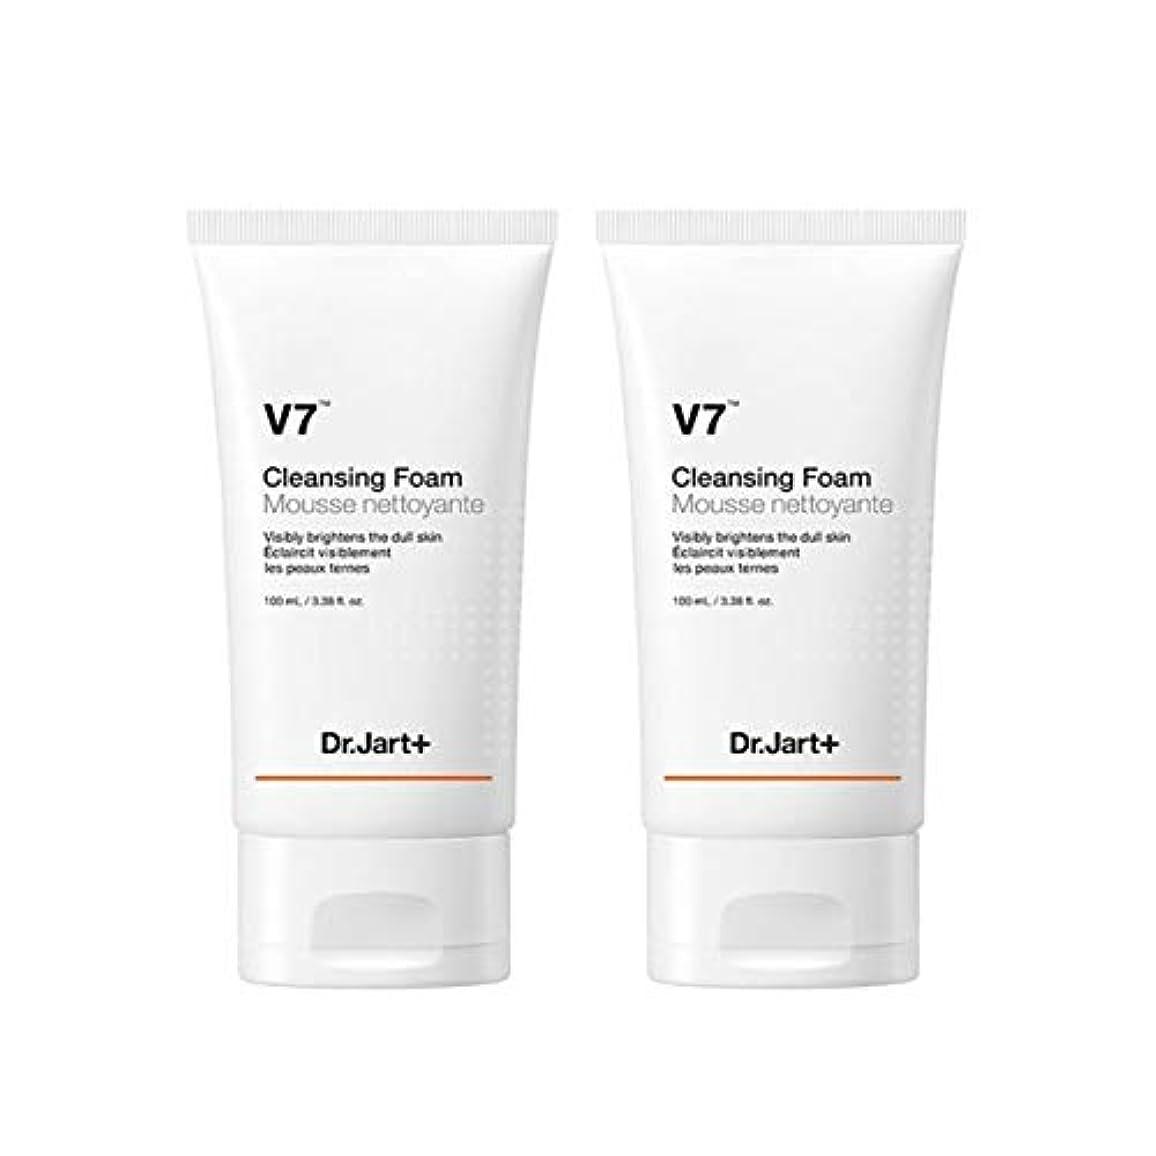 ドラムガードビンドクタージャルトゥV7クレンジングフォーム100mlx2本セット韓国コスメ、Dr.Jart V7 Cleansing Foam 100ml x 2ea Set Korean Cosmetics [並行輸入品]